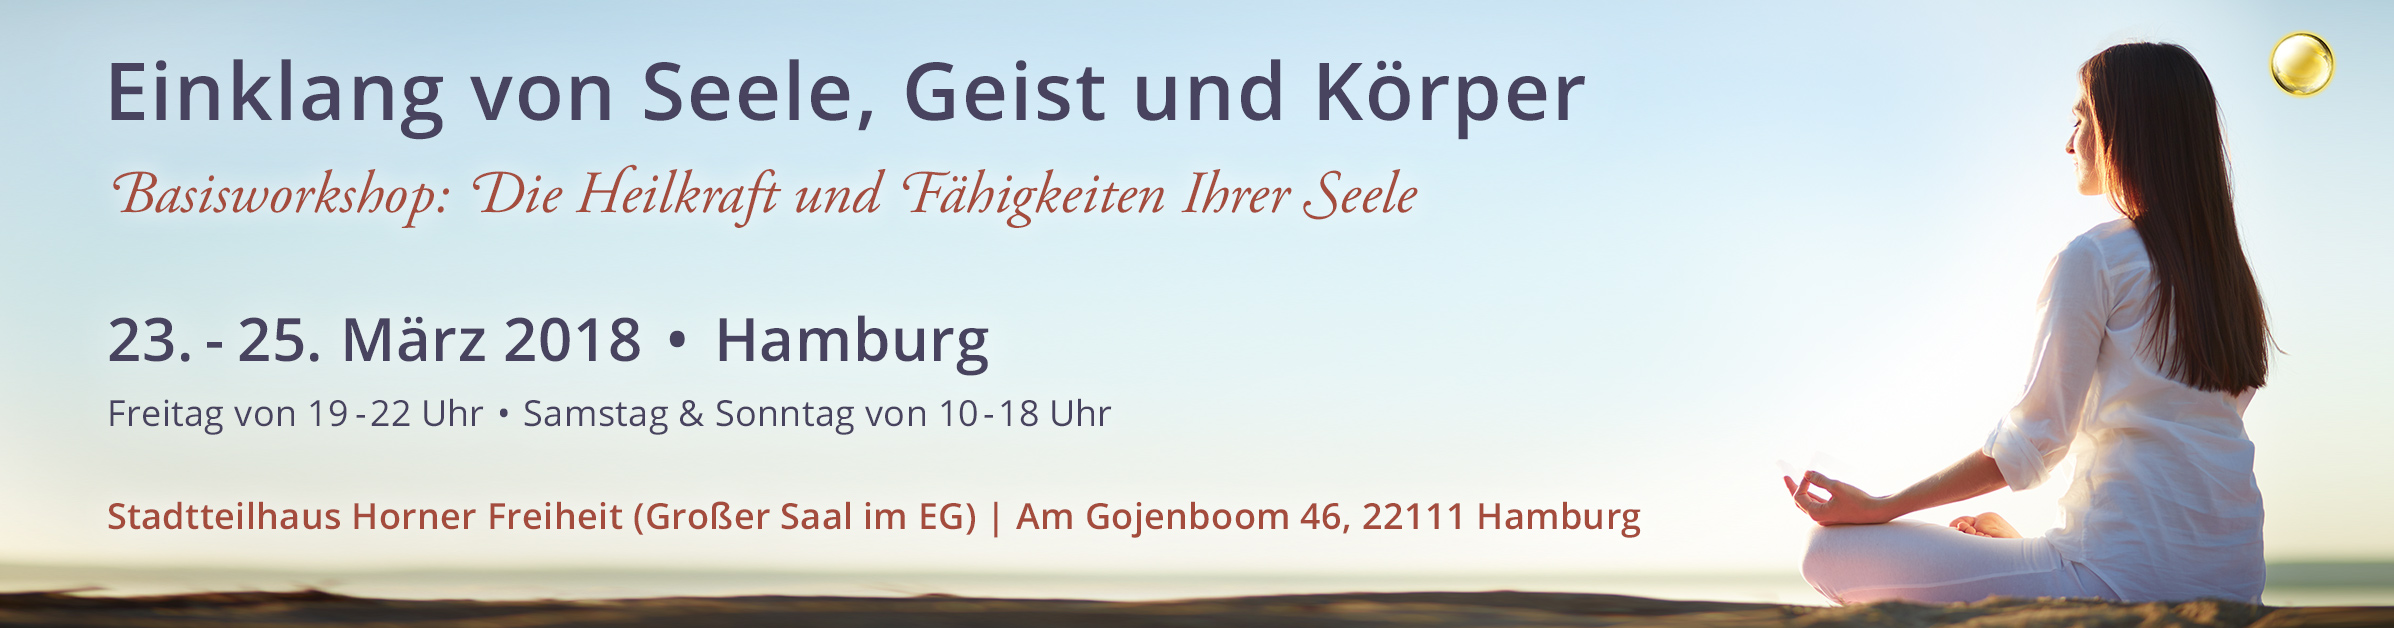 Einklang von Seele, Geist und Körper – Einführung in die Seelenheilung | Hamburg